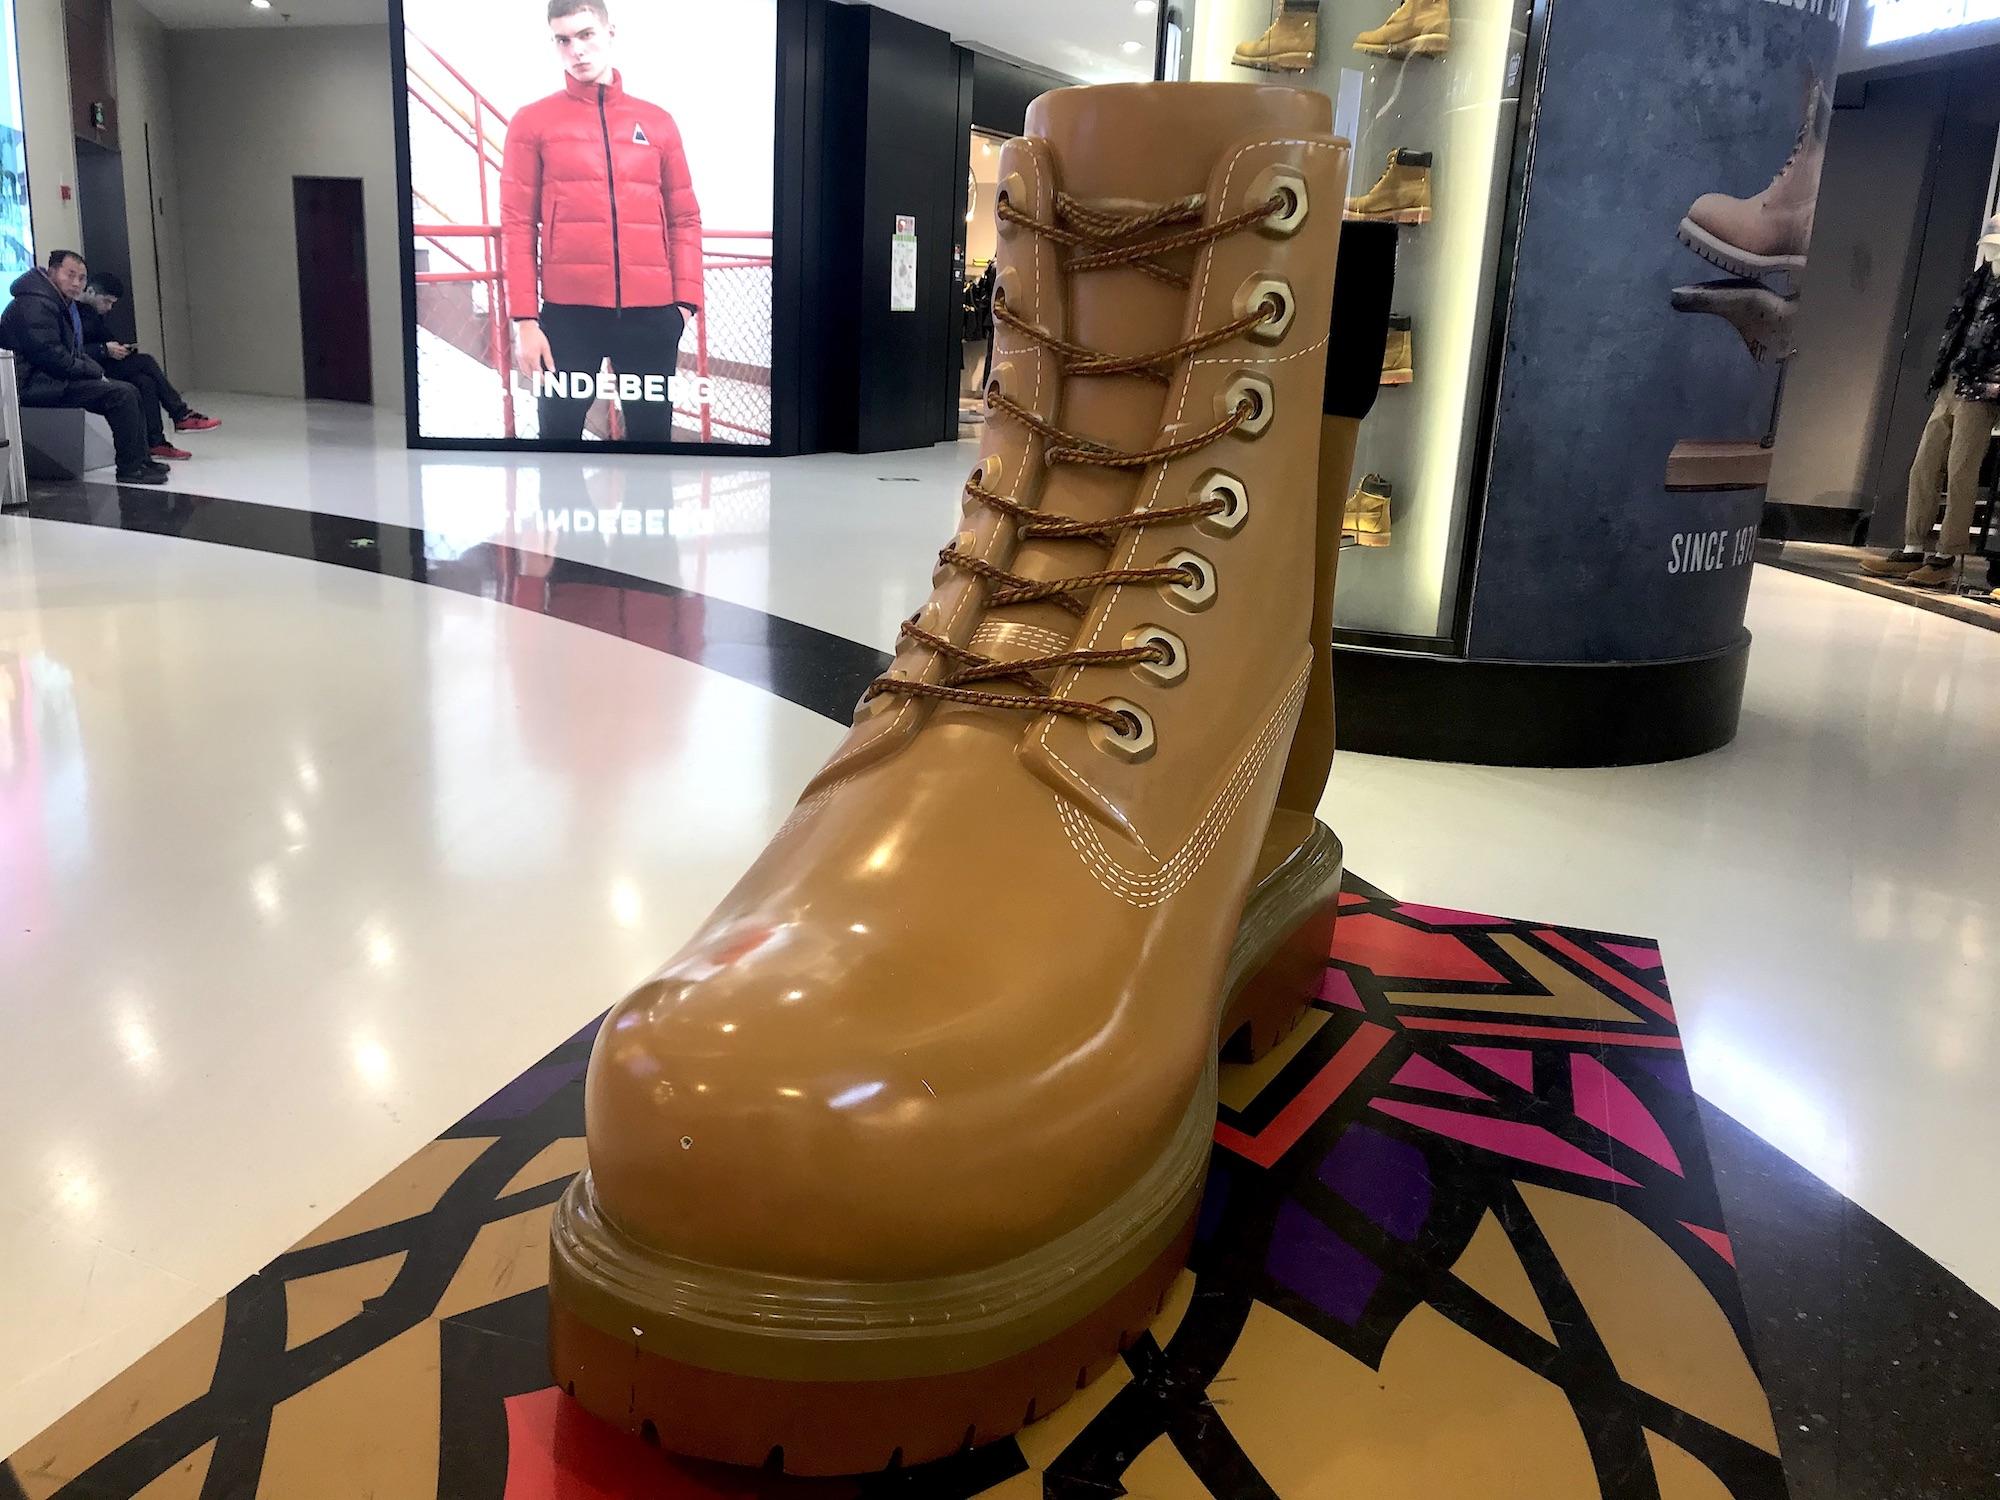 timberland鞋玻璃钢万博体育彩票官网app